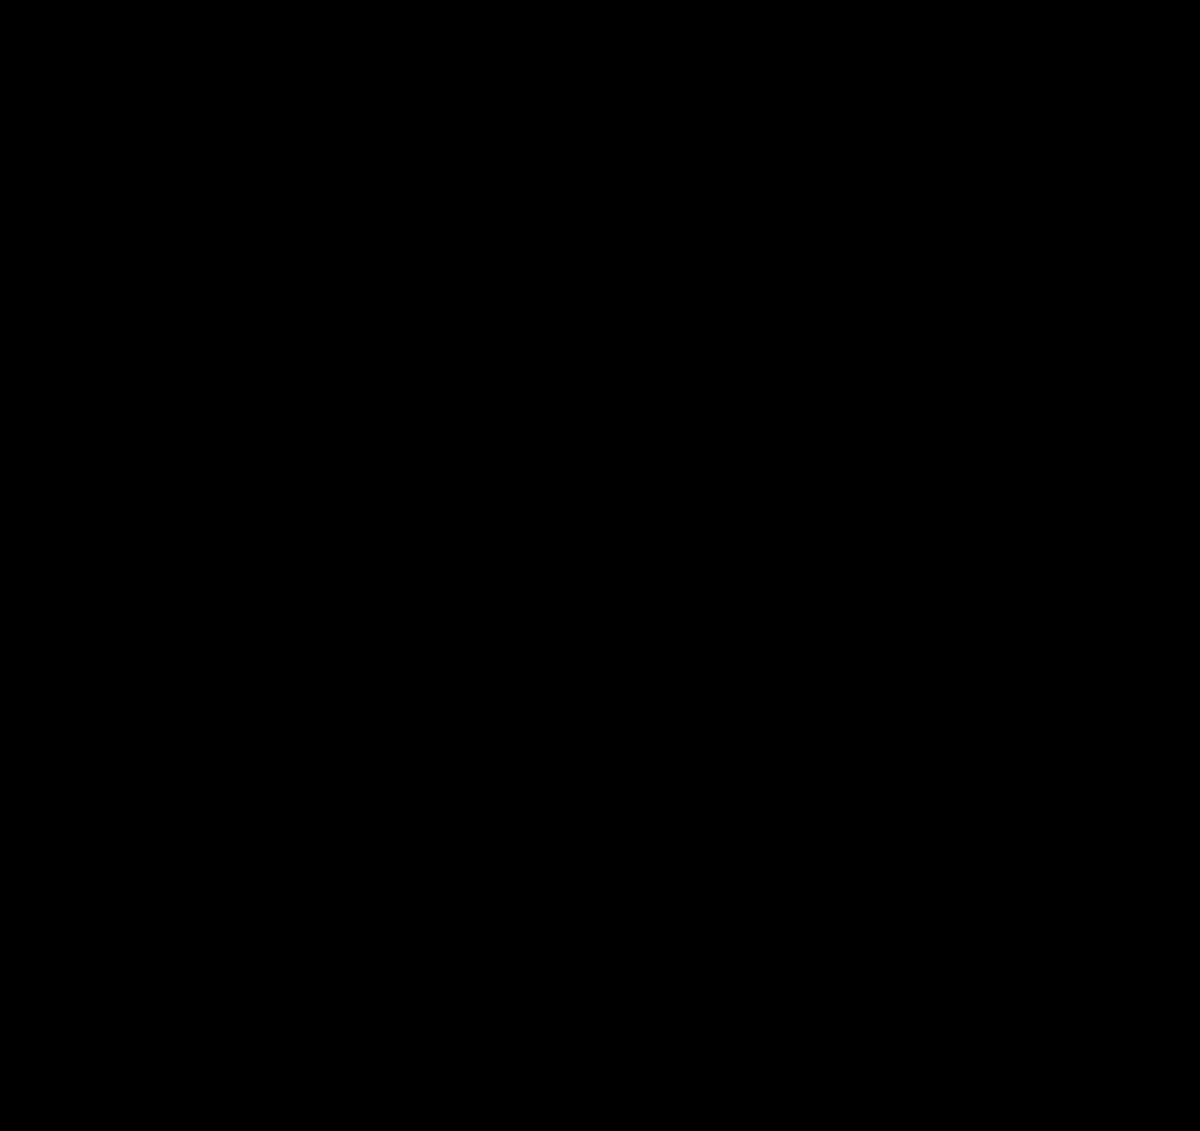 O-acetylpsilocin